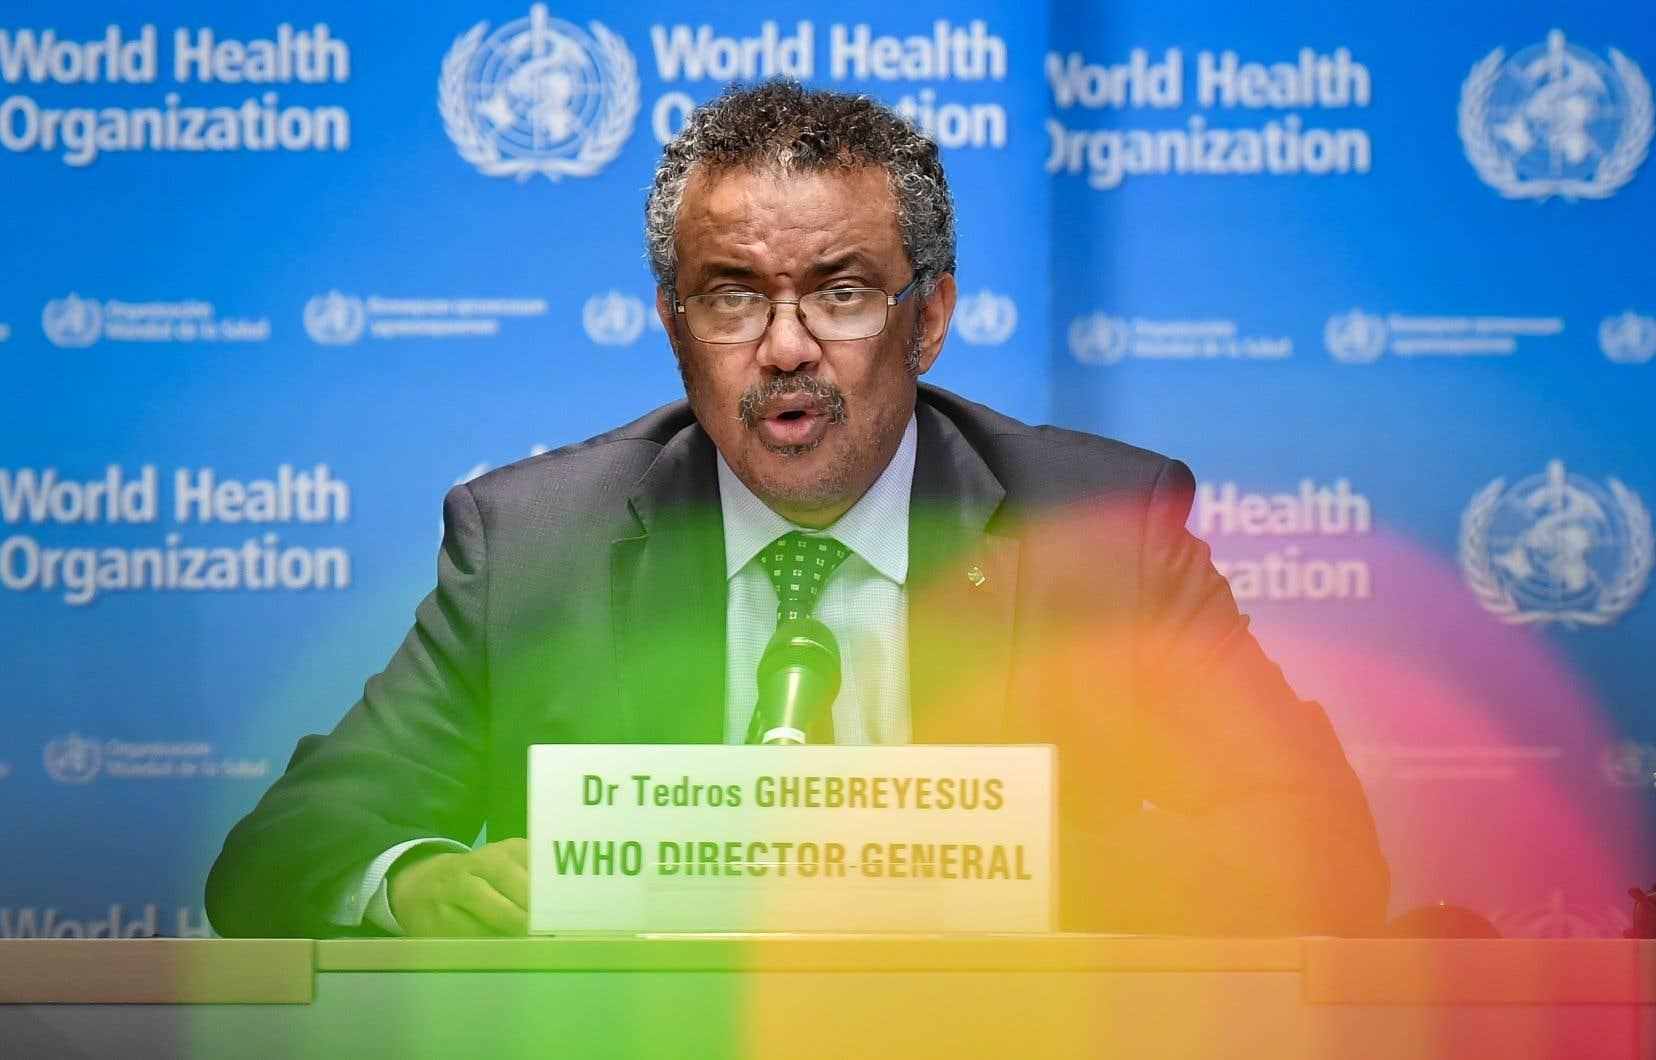 Le directeur général de l'Organisation mondiale de la santé, Tedros Adhanom Ghebreyesus